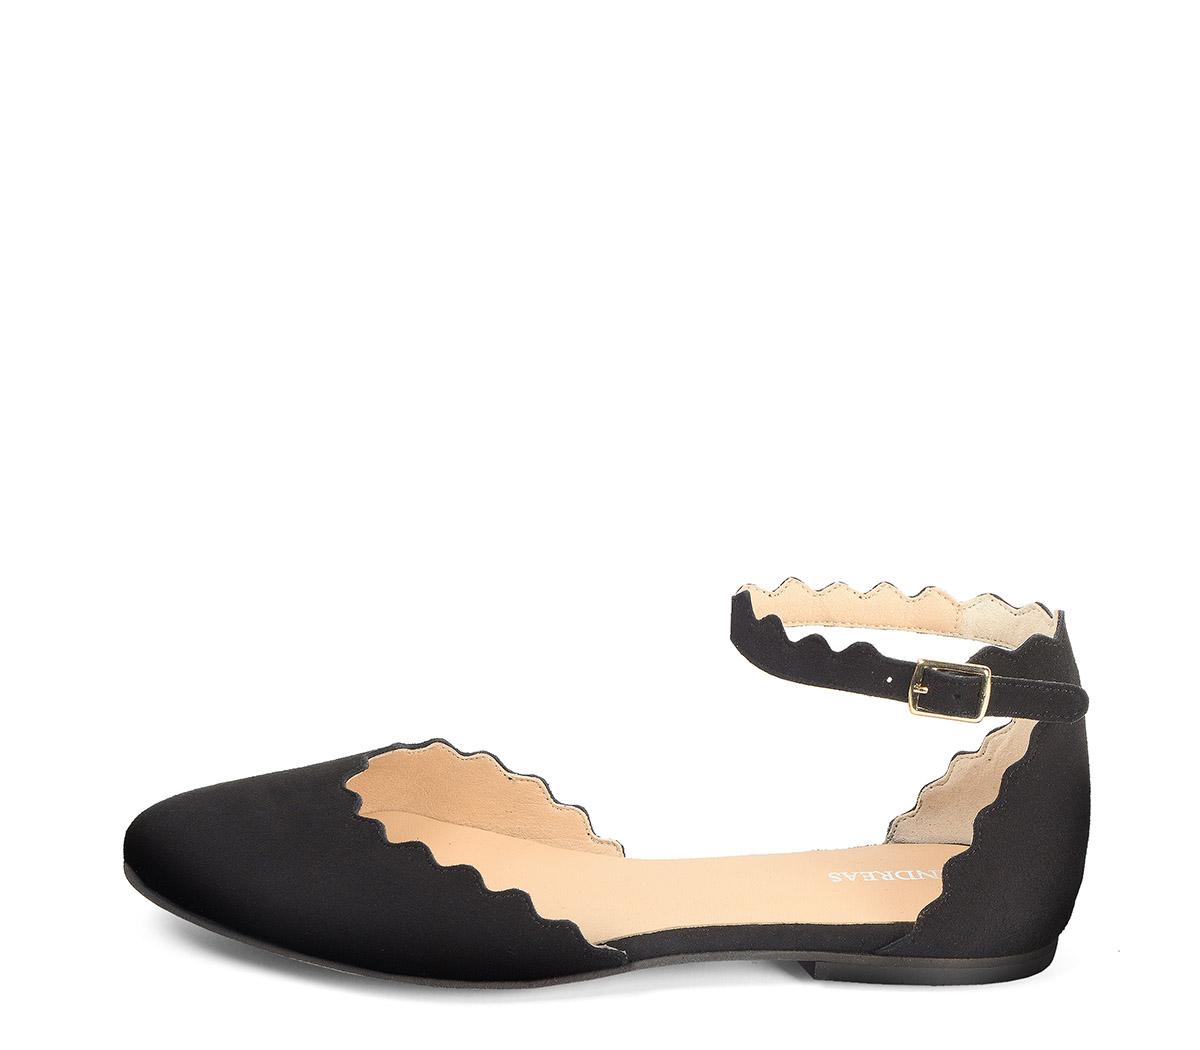 Ref: 3788 Zapato ante negro con detalles de onda en contorno y pulsera al tobillo con hebilla plateada. Puntera cerrada.